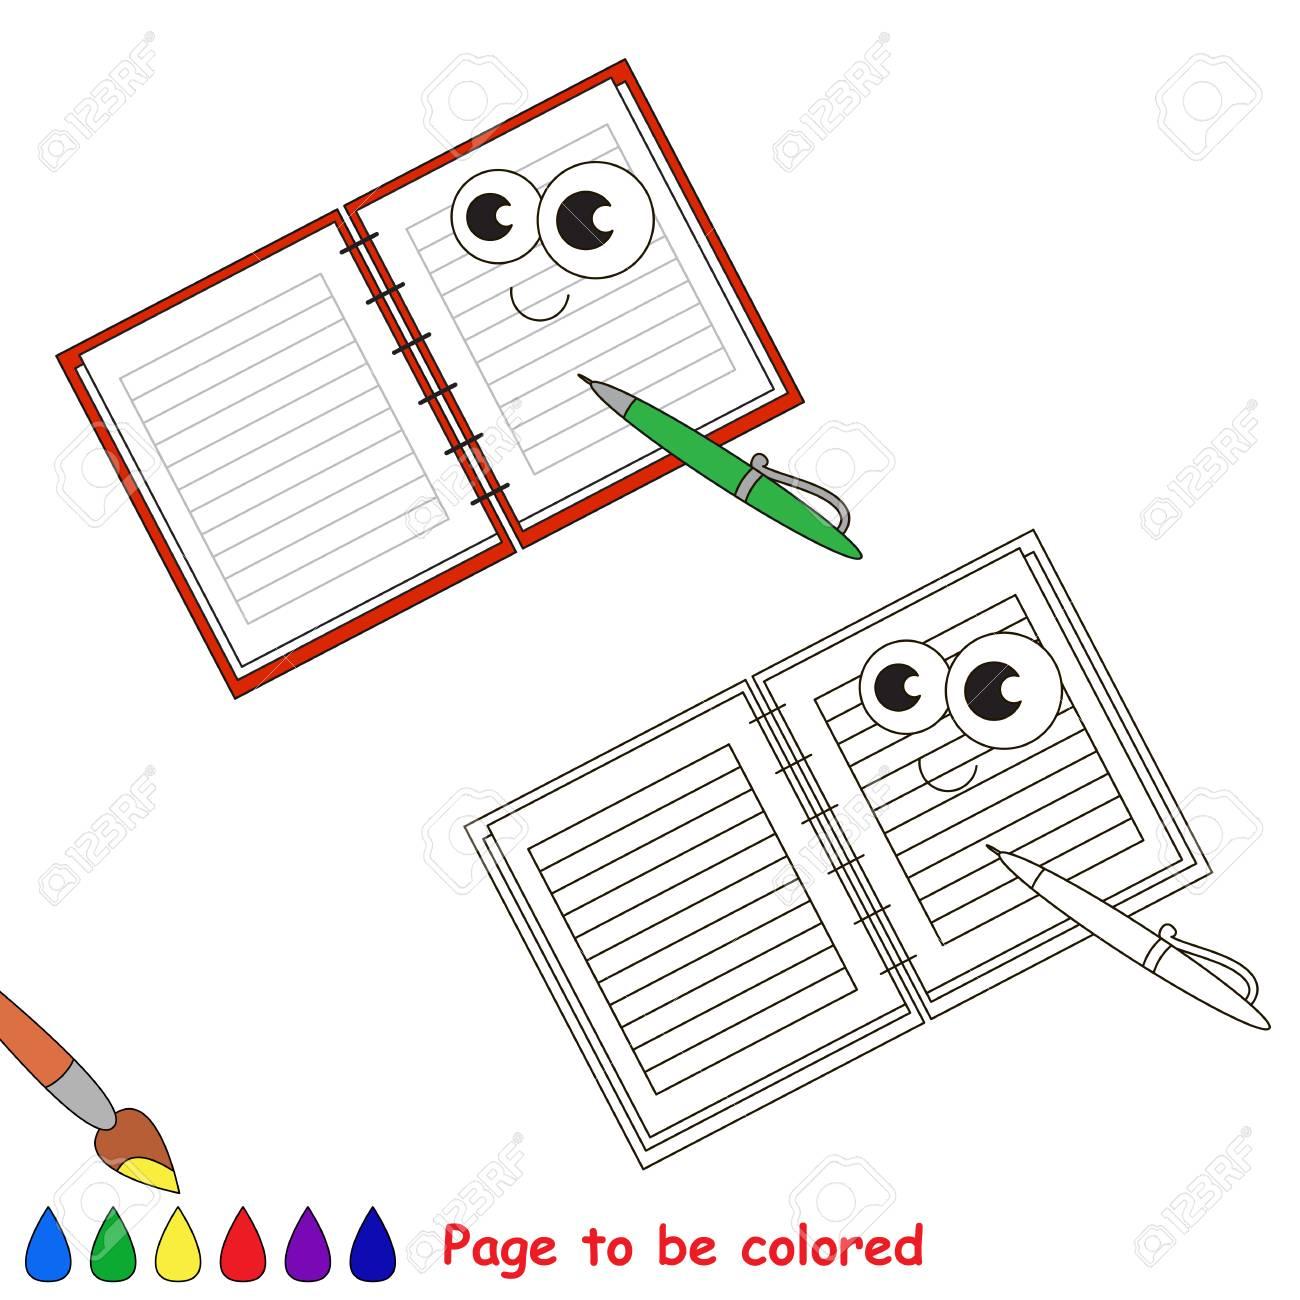 コピーブック ペンの色にします塗り絵は子供を教育します色を学ぶ